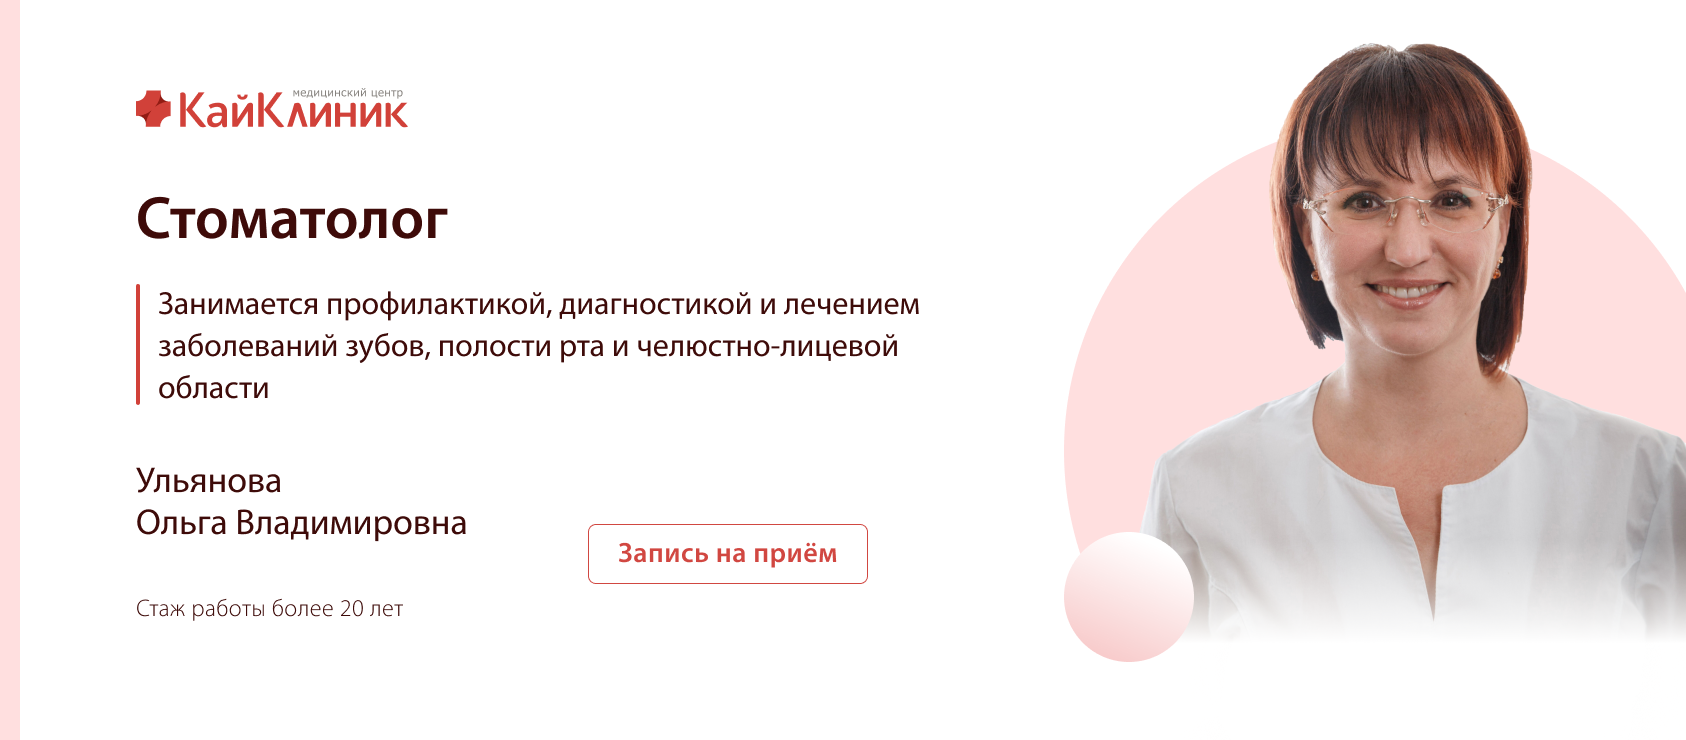 развитие сайта Павлово